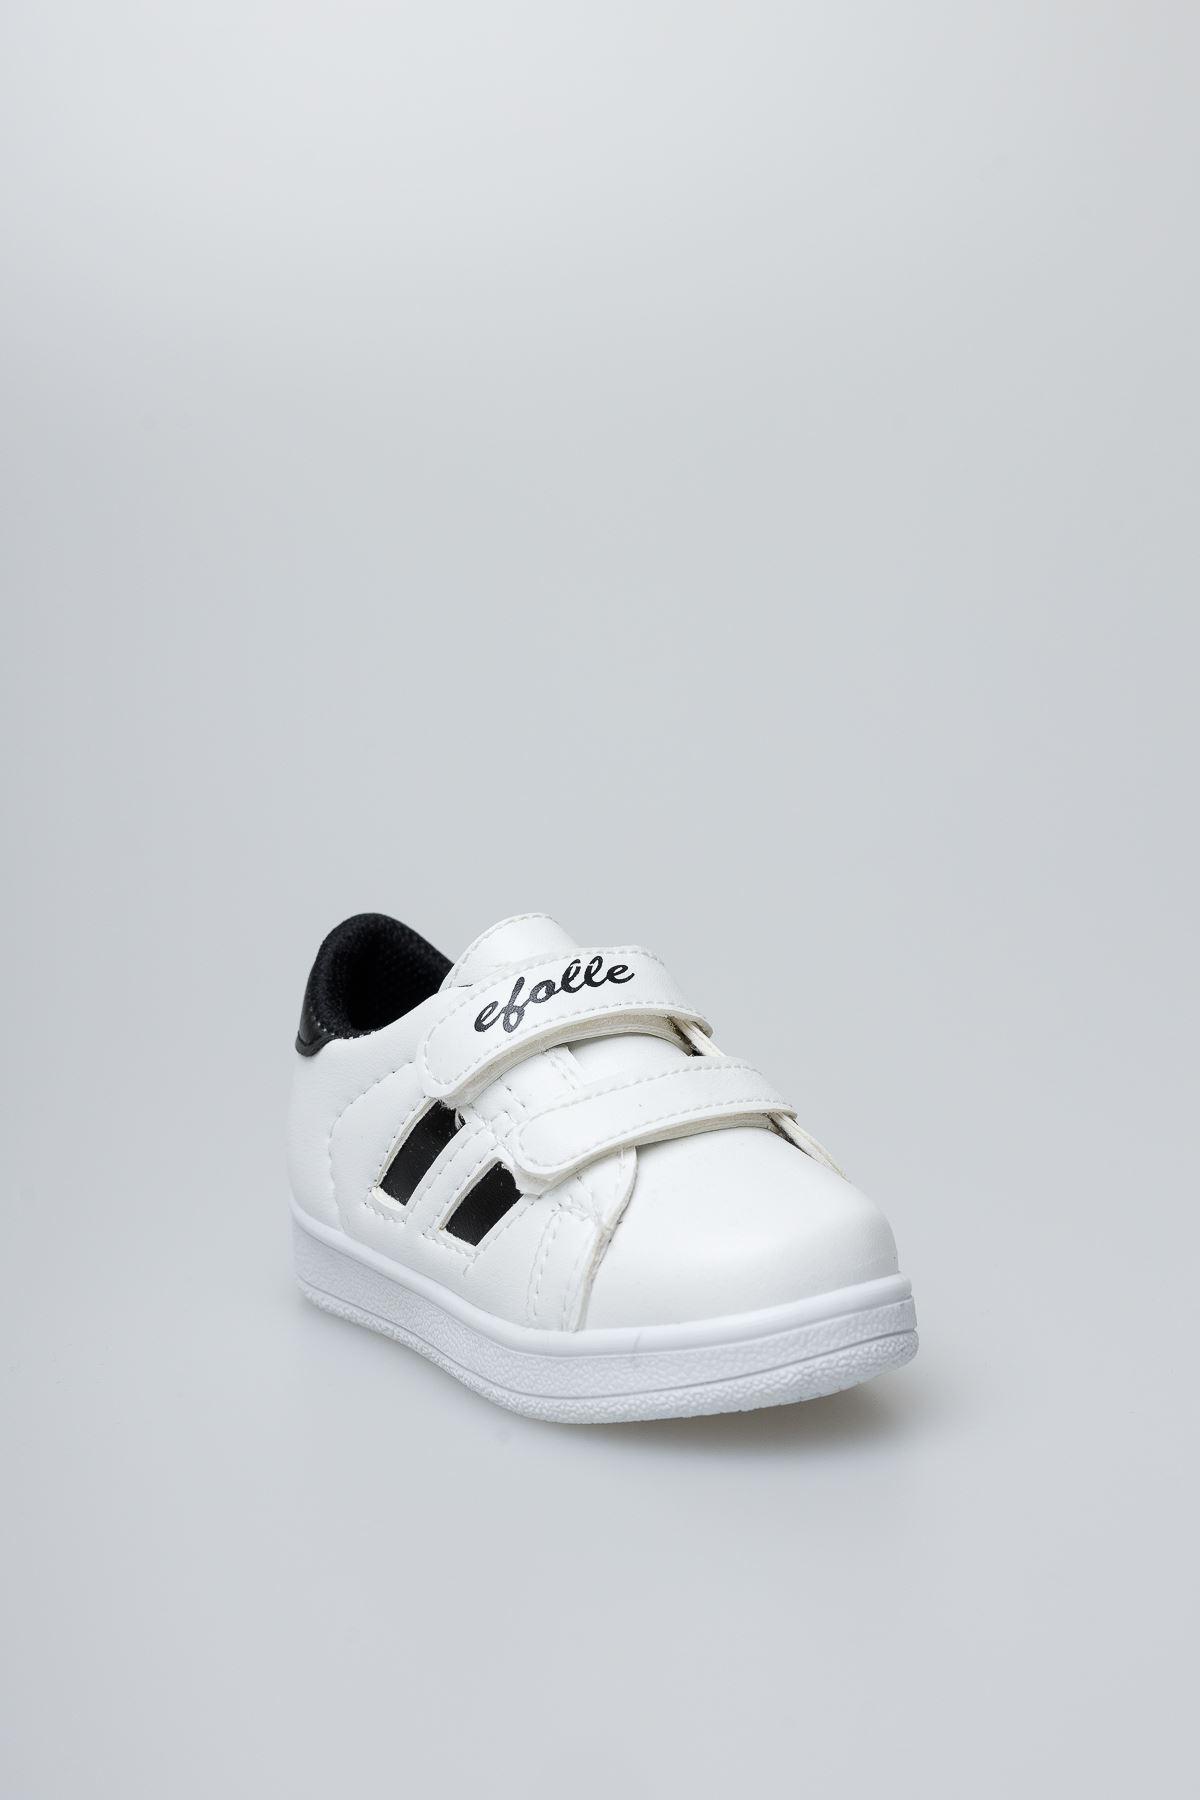 Beyaz Yanı Siyah Şeritli Bebe Ayakkabı